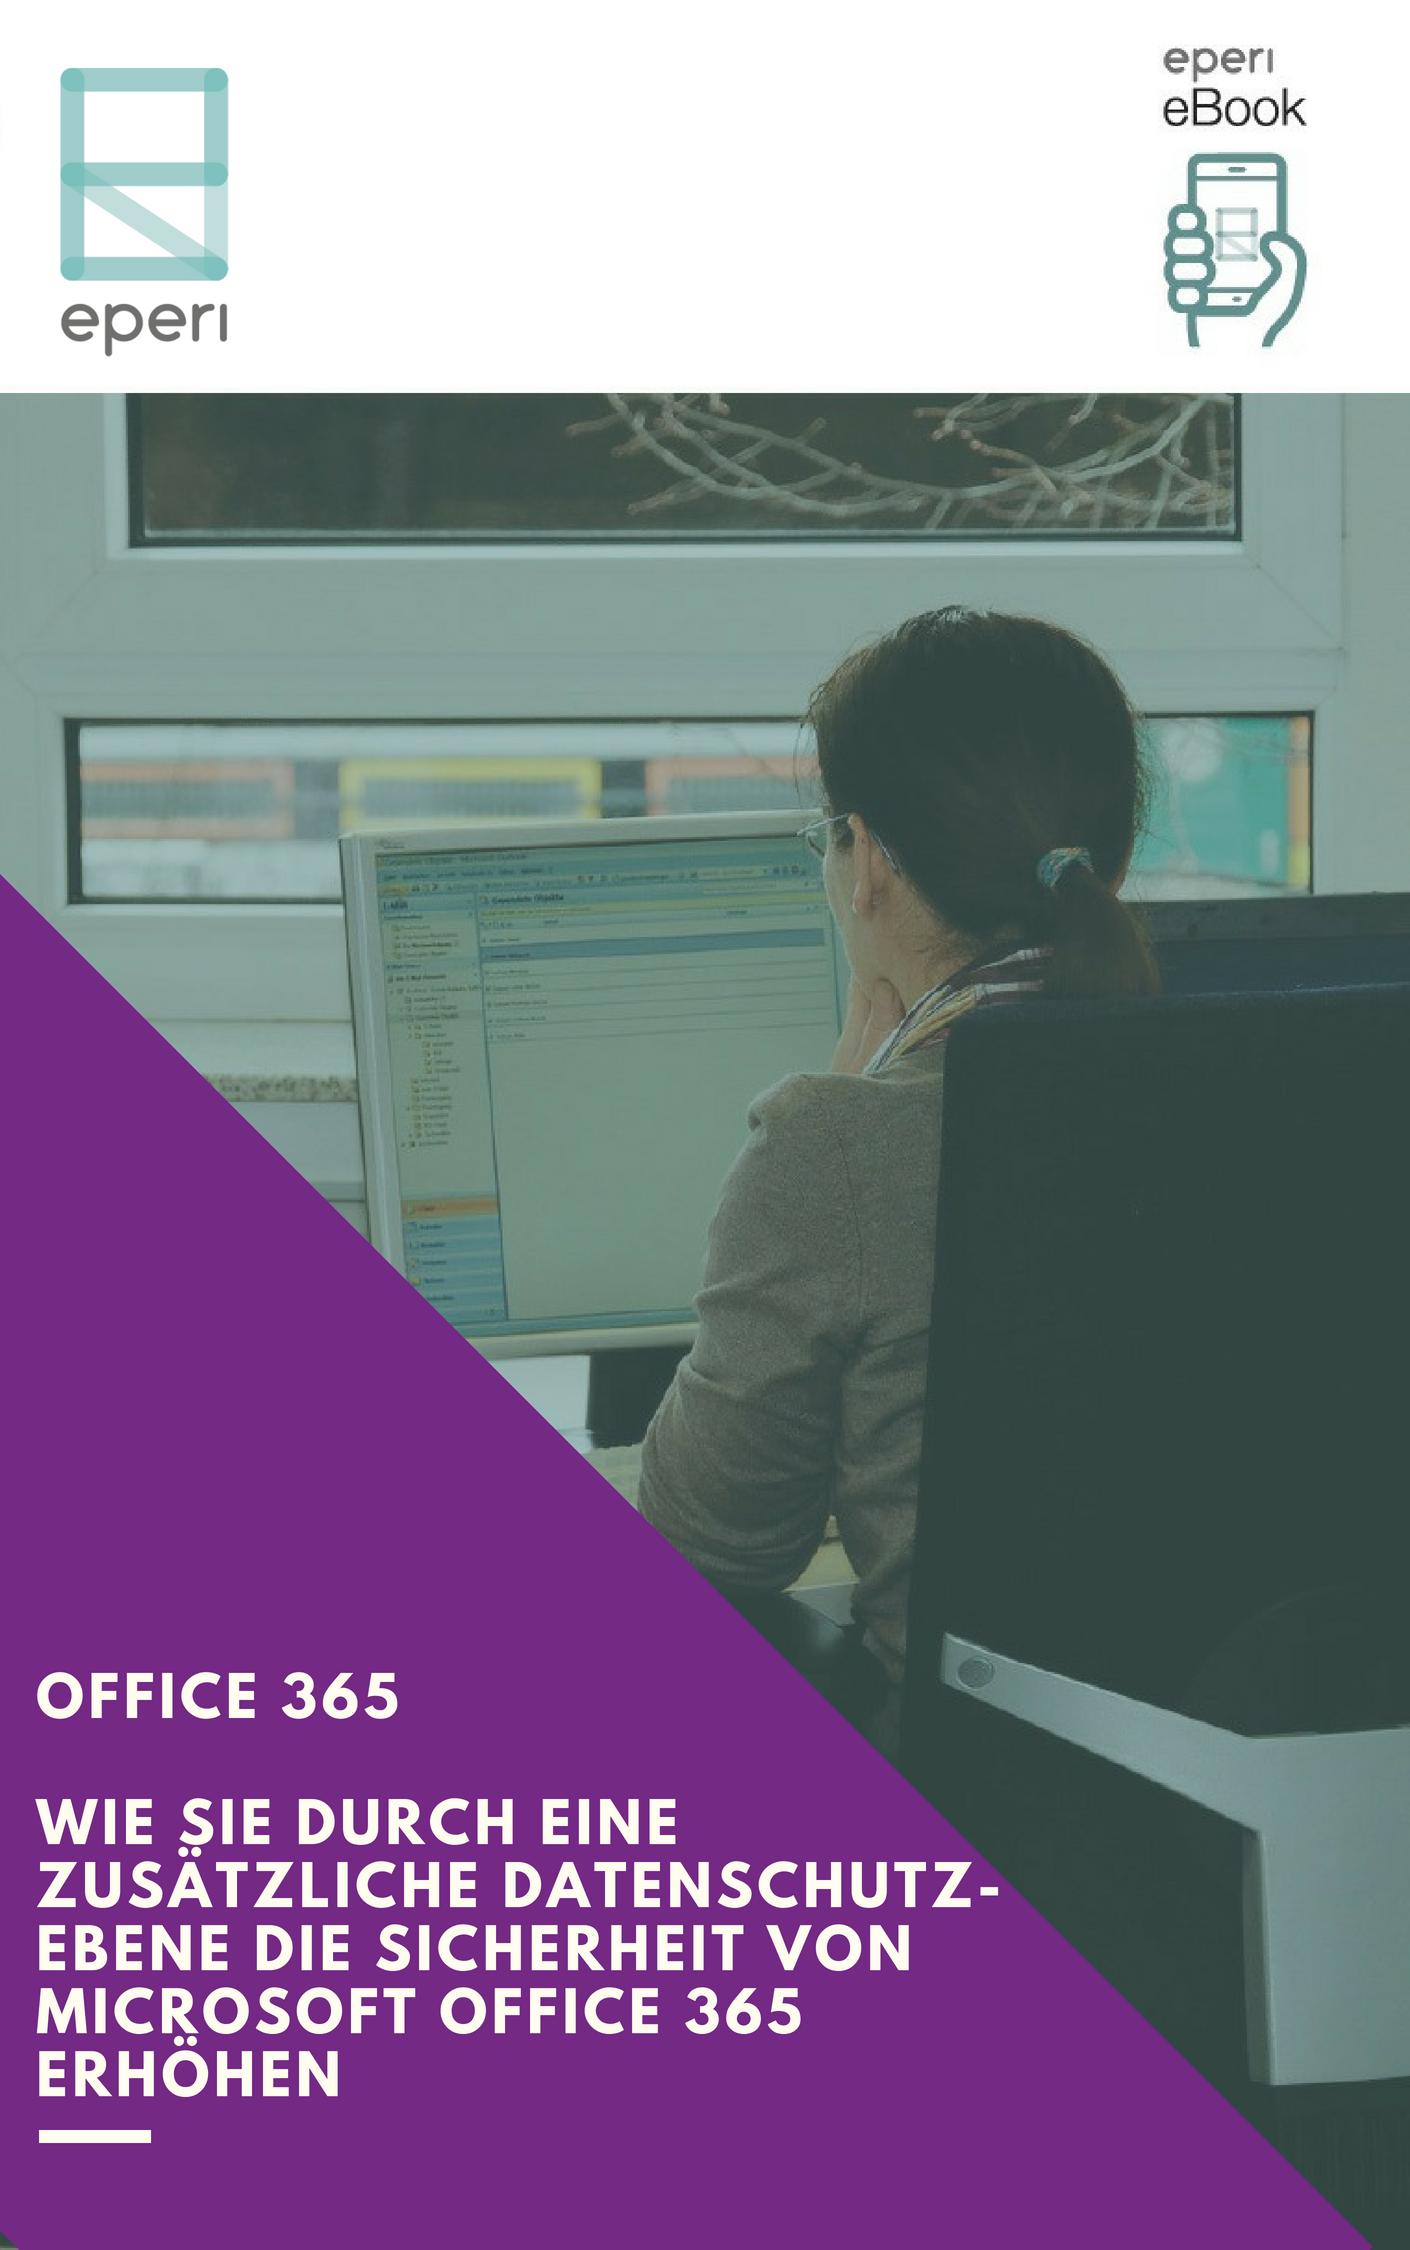 eperi eBook Office 365 Security Cover DE